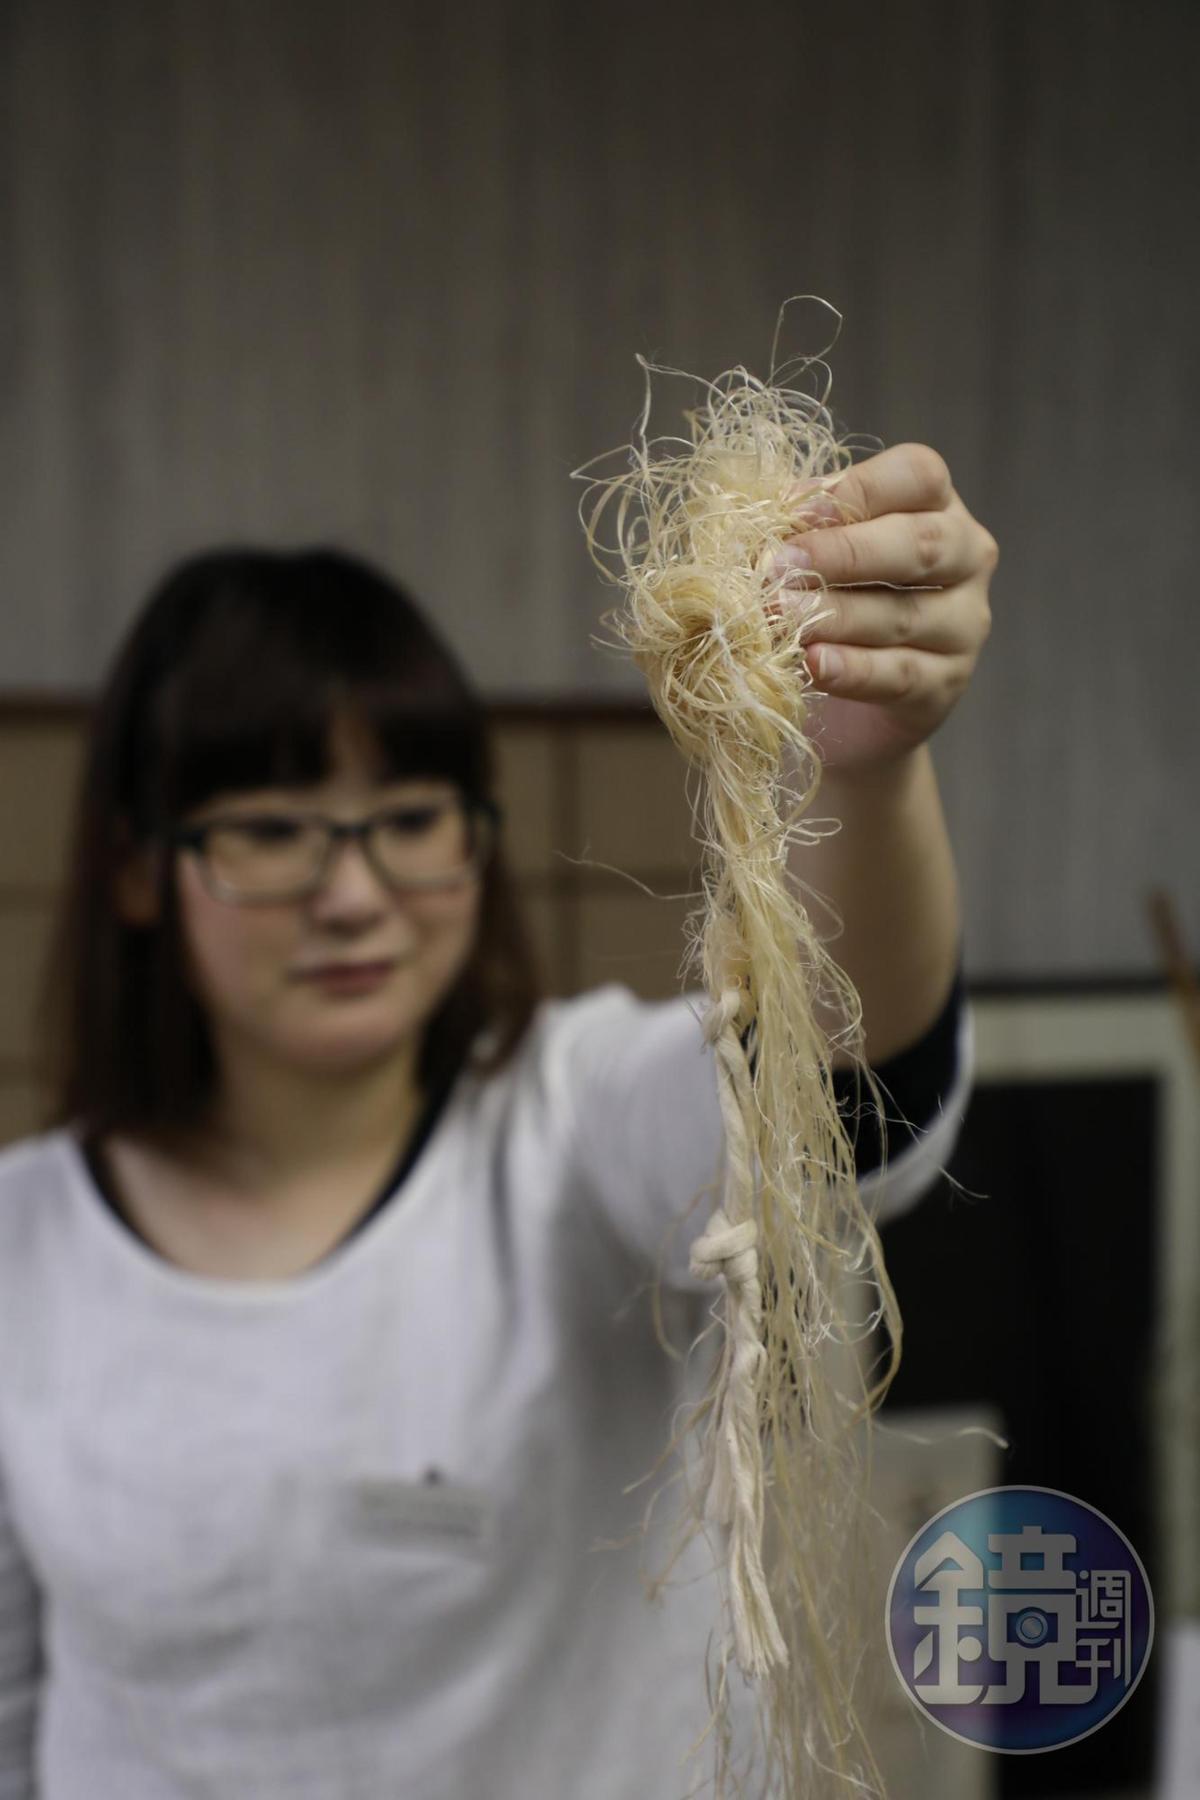 織布老師京野星子手上拿的是越後上布的主要材料、用苧麻做成的線。